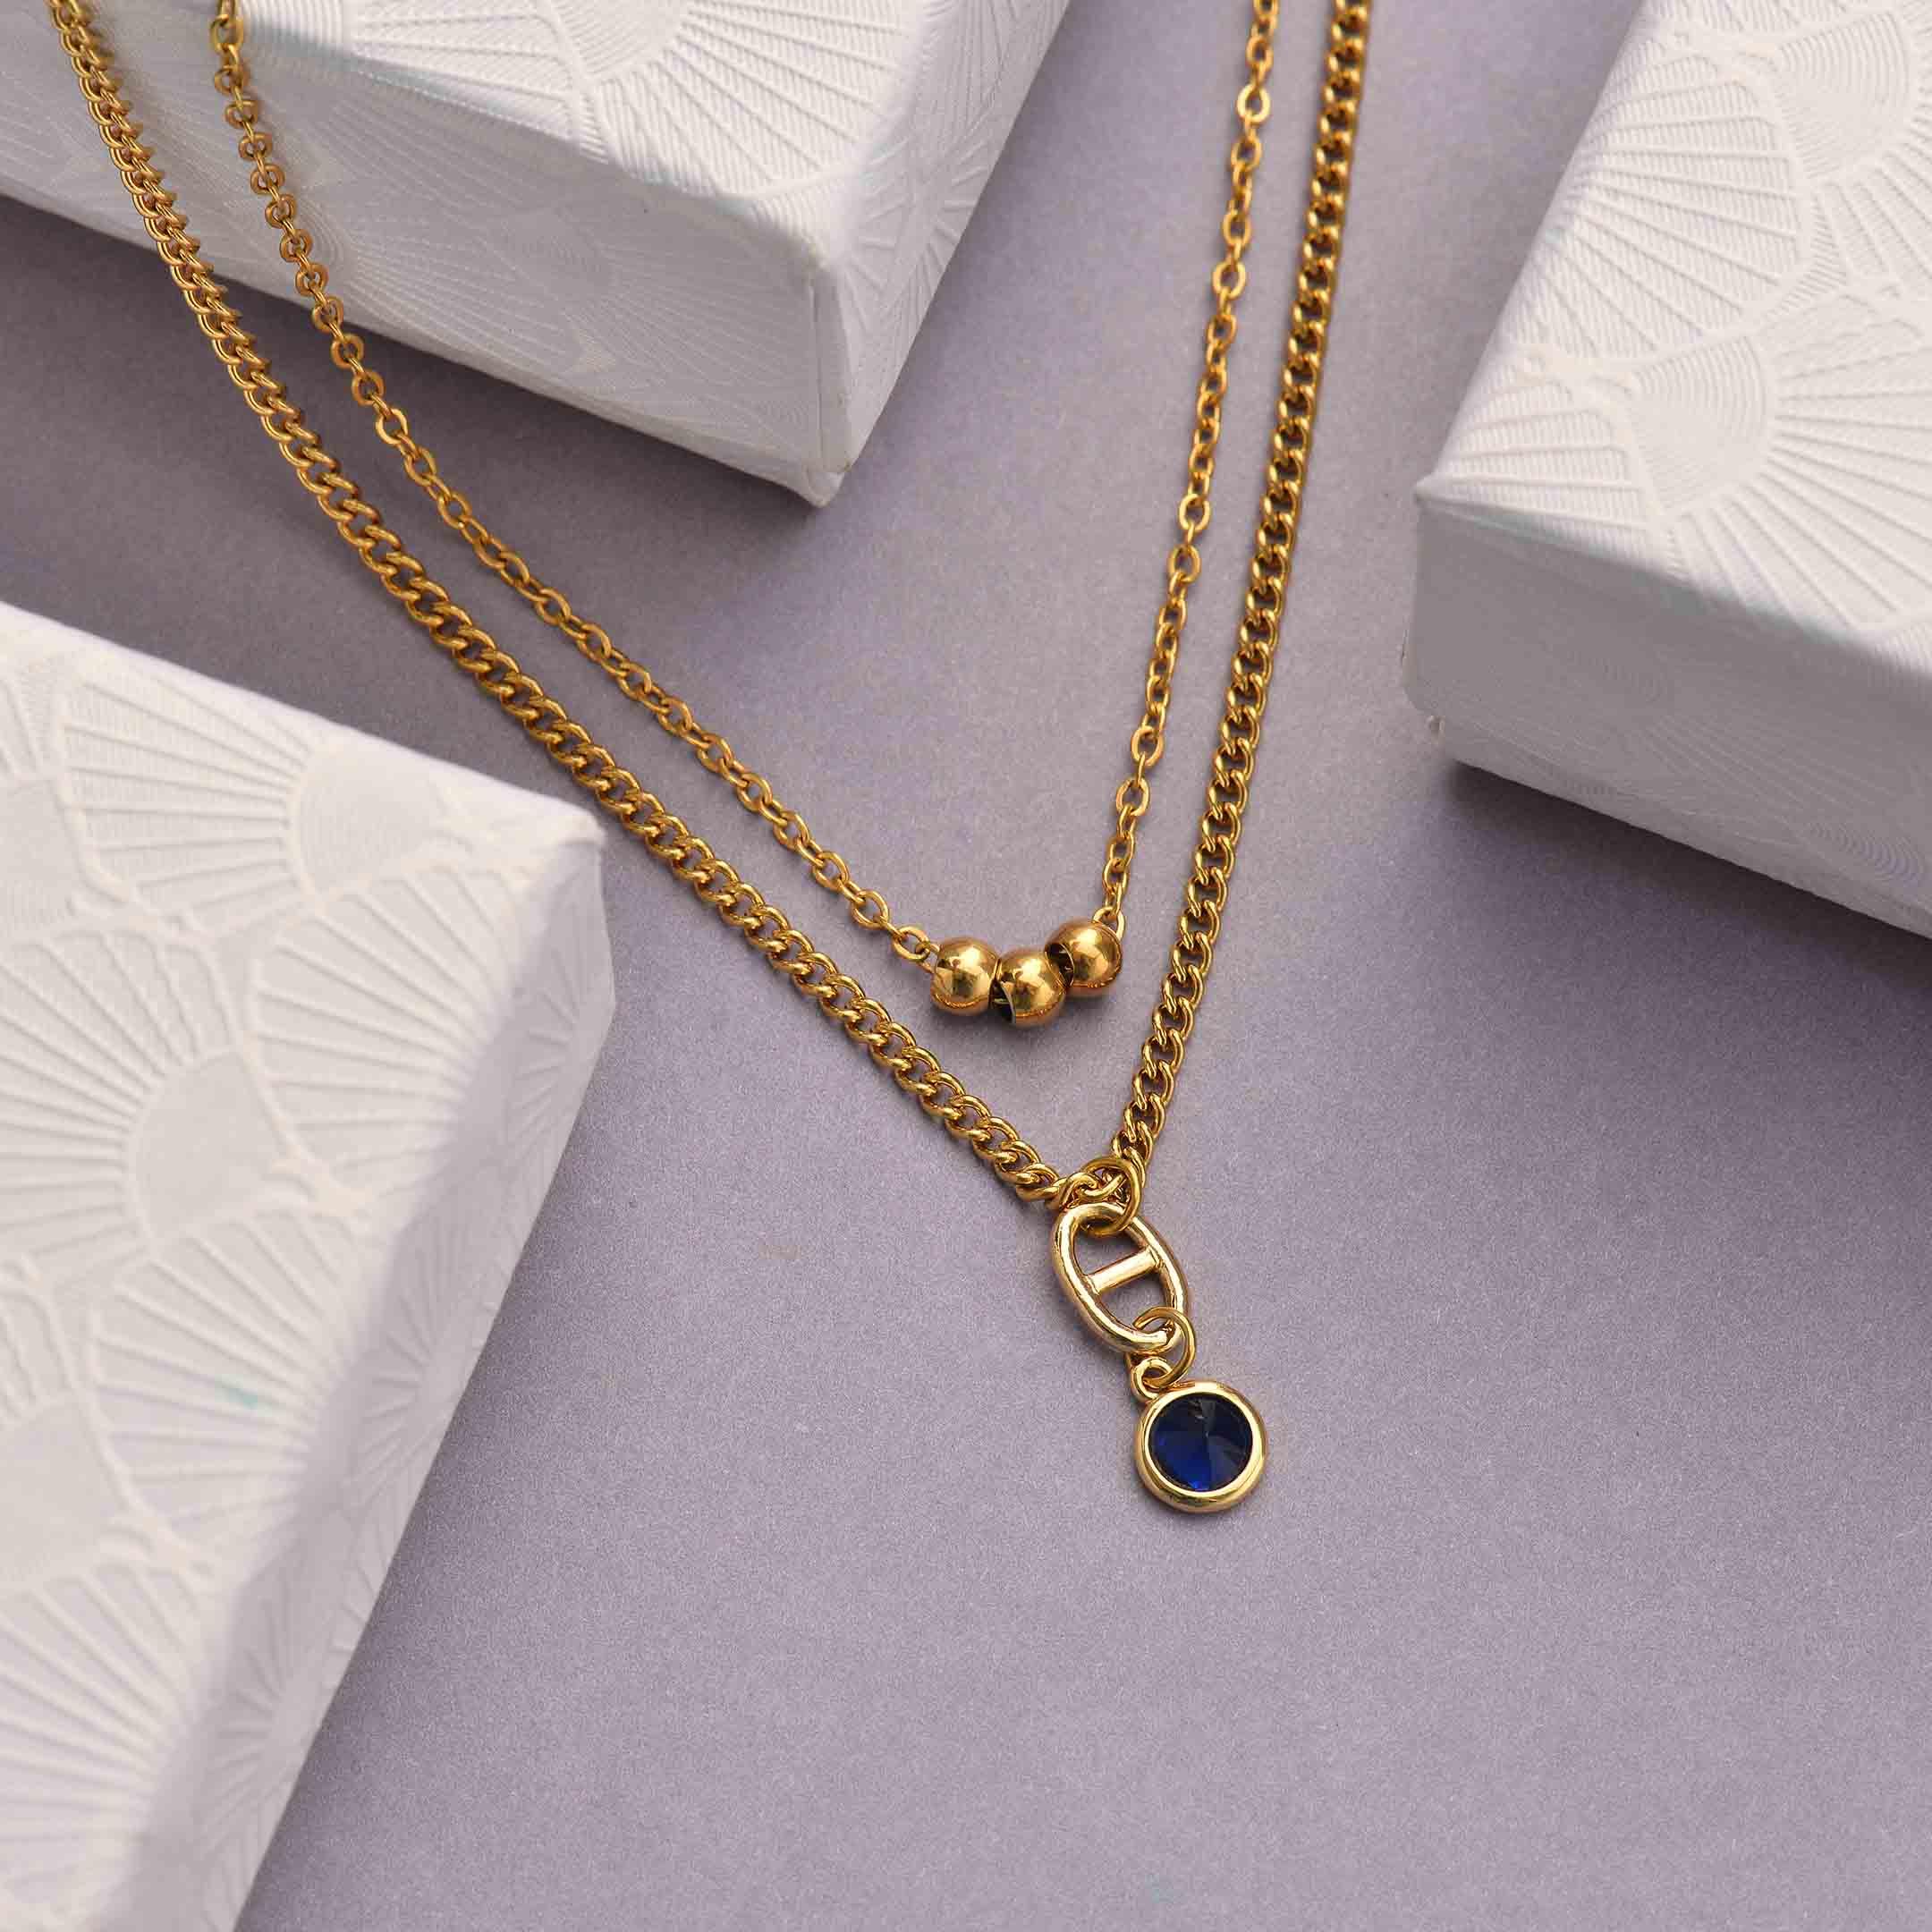 Collares de Acero Inoxidable para Mujer al por Mayor -SSNEG142-33811